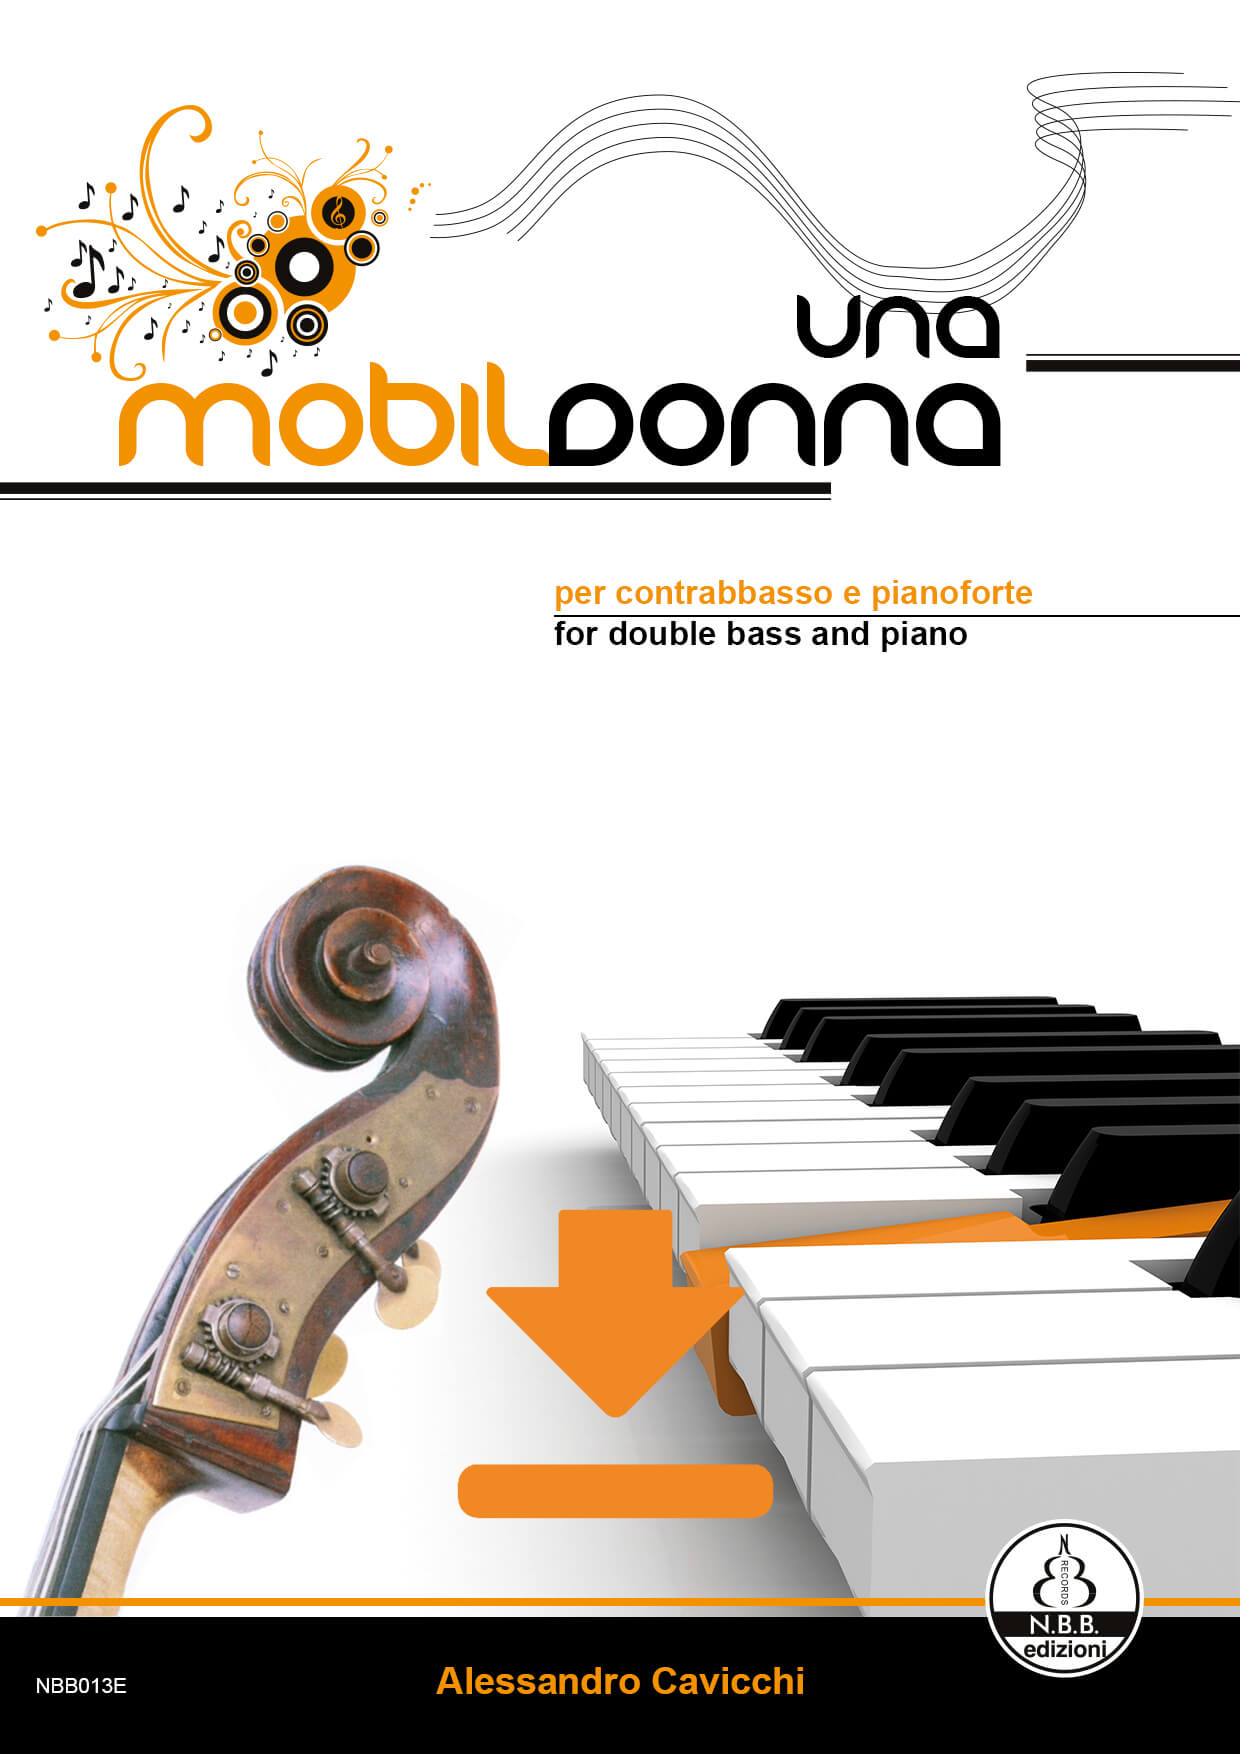 nbbrecords-mobildonna-FRONTFRECCIA-NBB013E